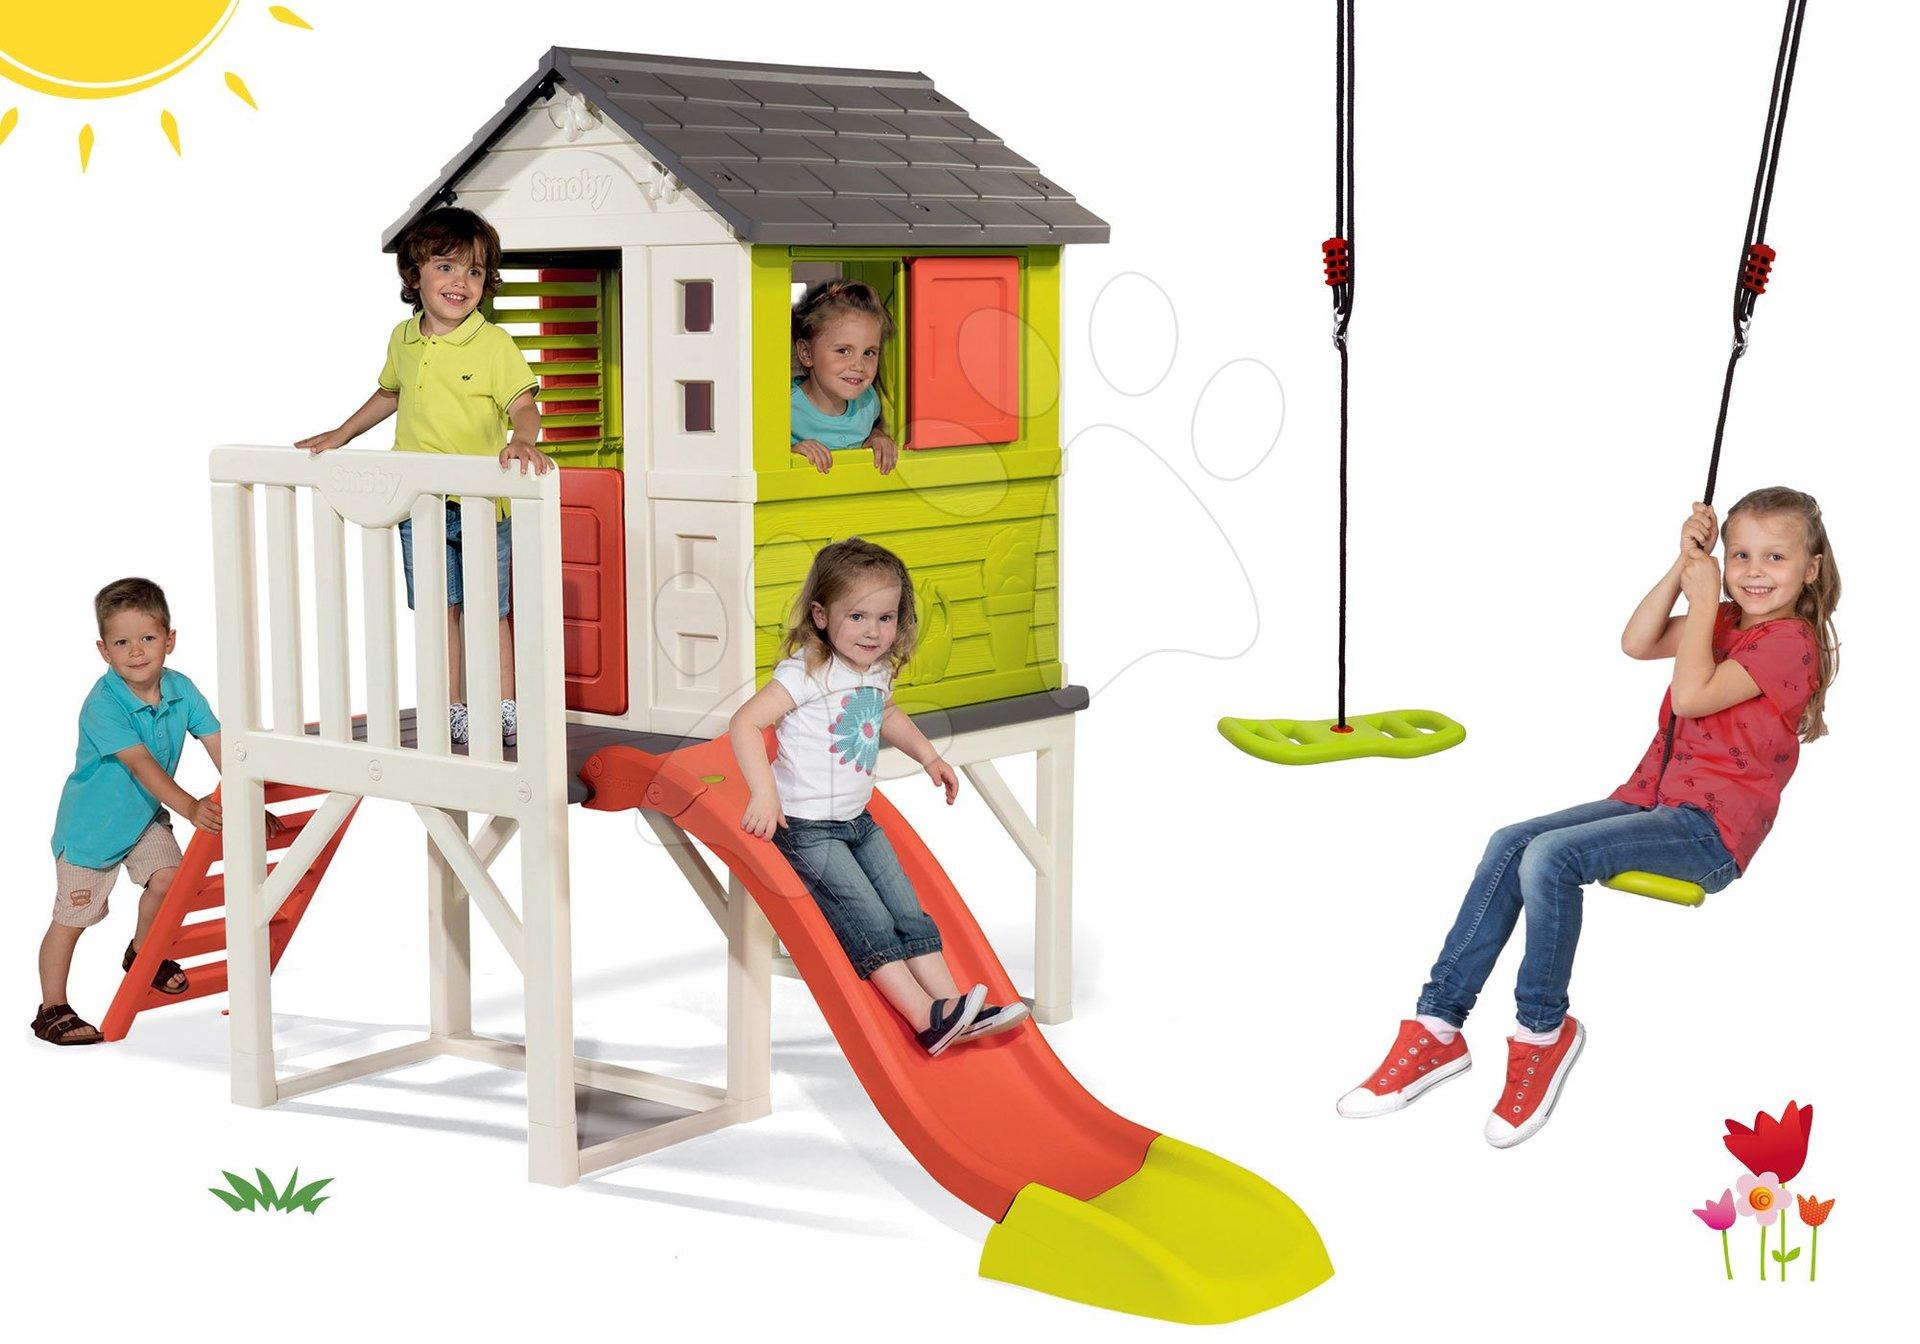 Set domeček na pilířích Pilings House Smoby s 1,5 m skluzavkou a výškově nastavitelná houpačka Activity Swing od 24 měsíců